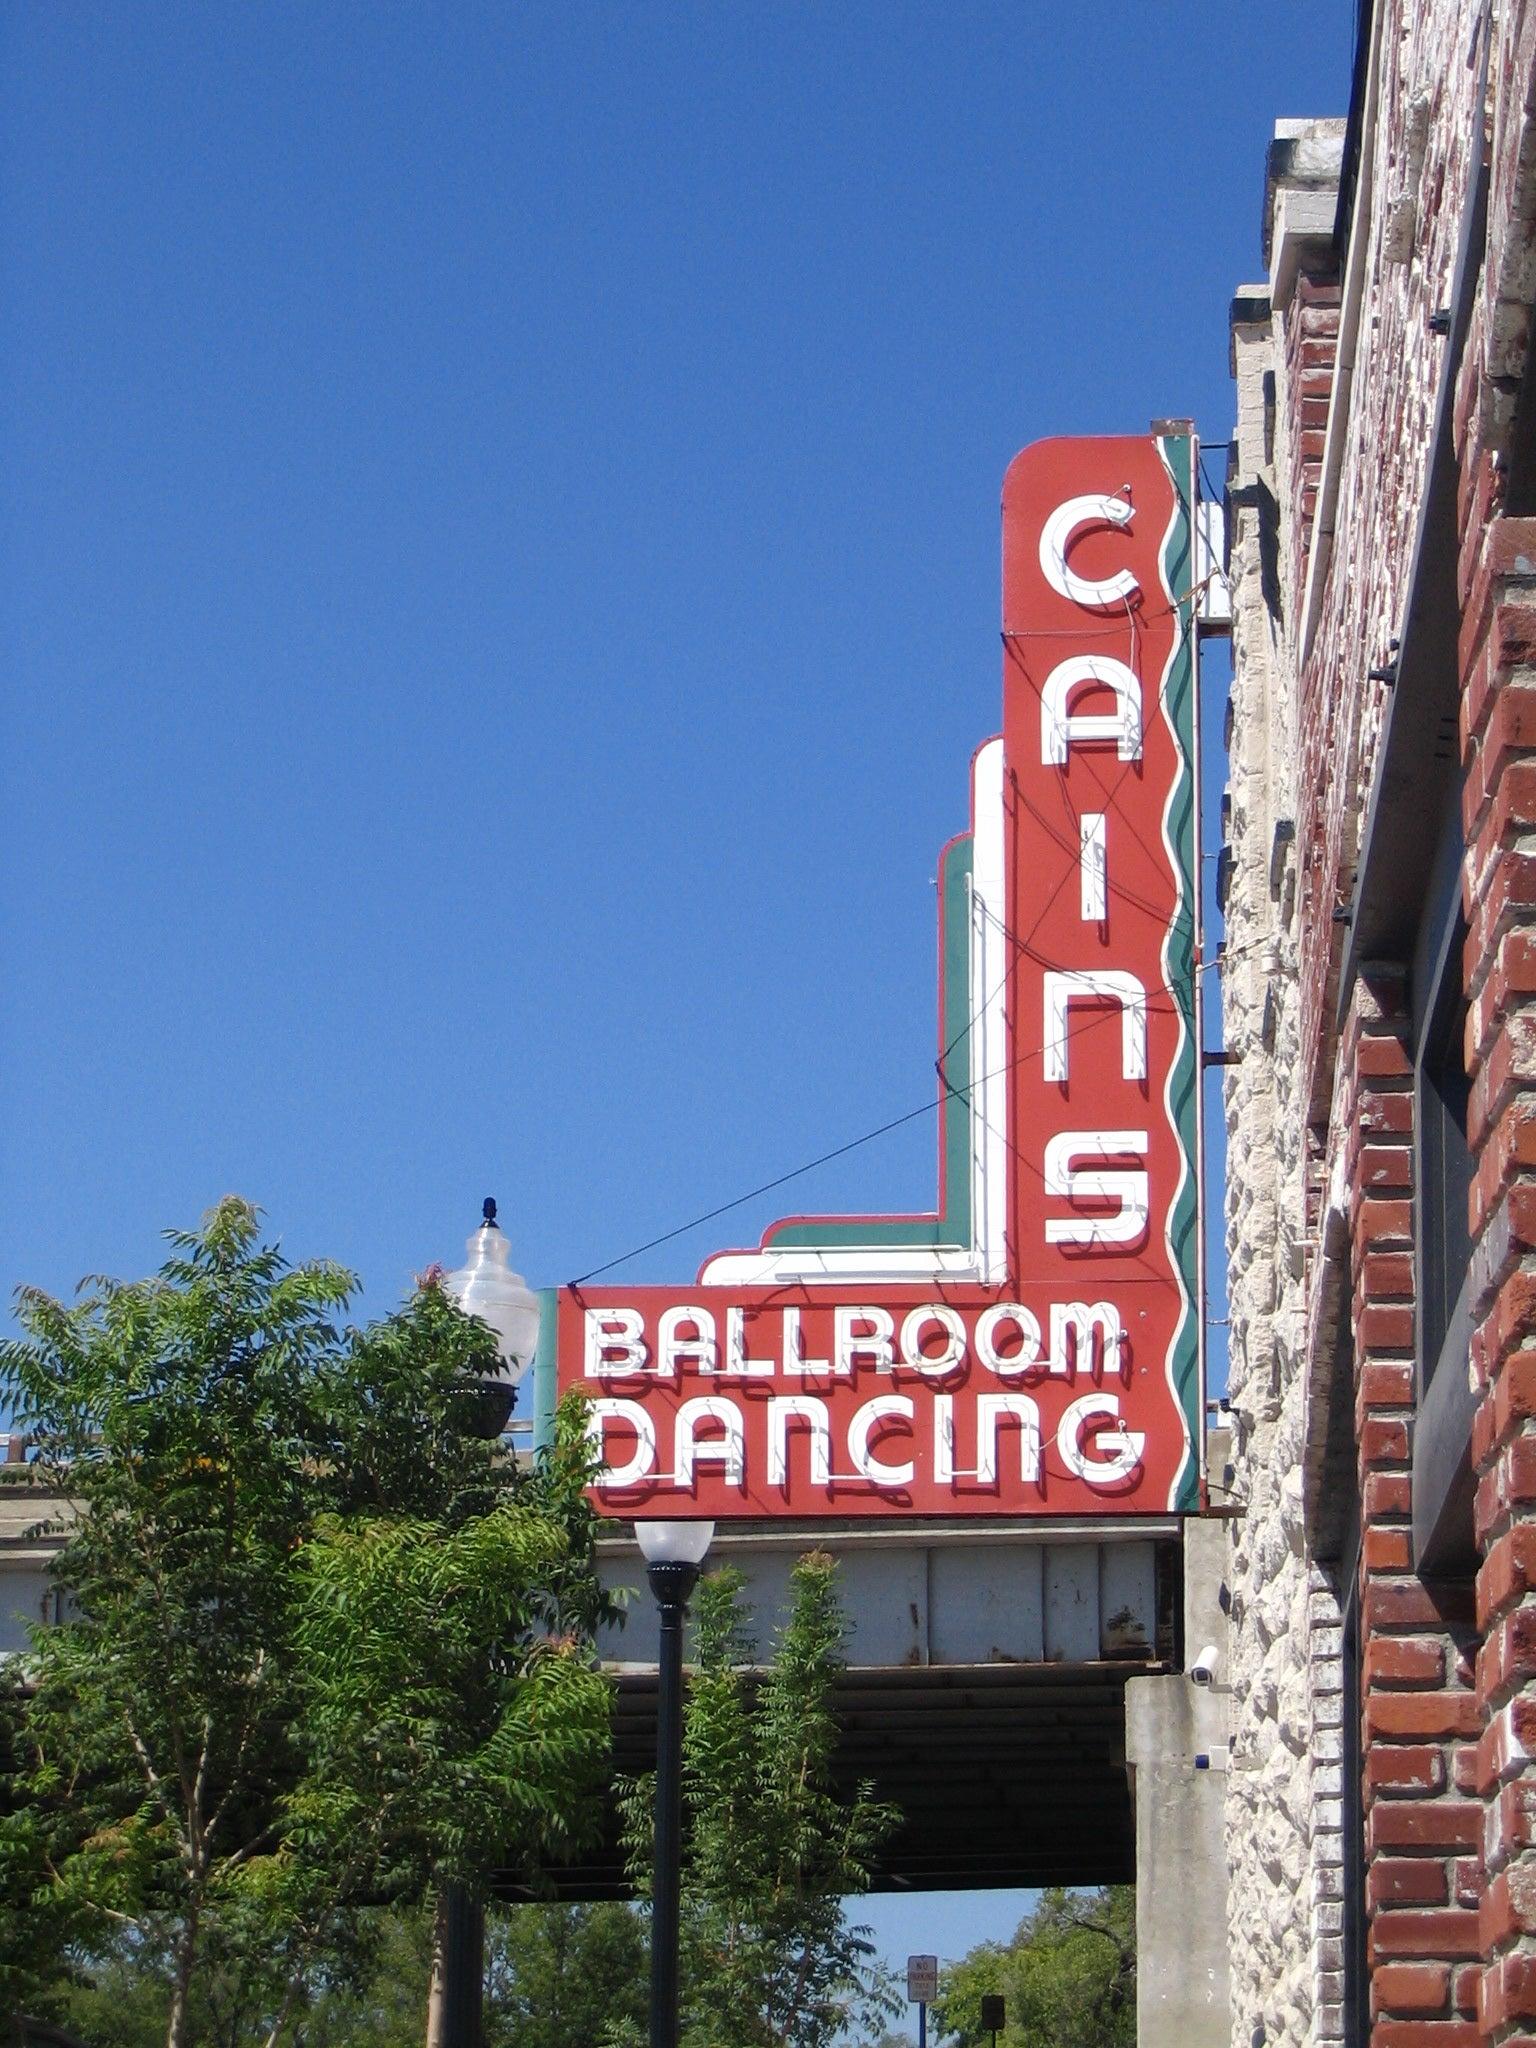 Cain's Ballroom